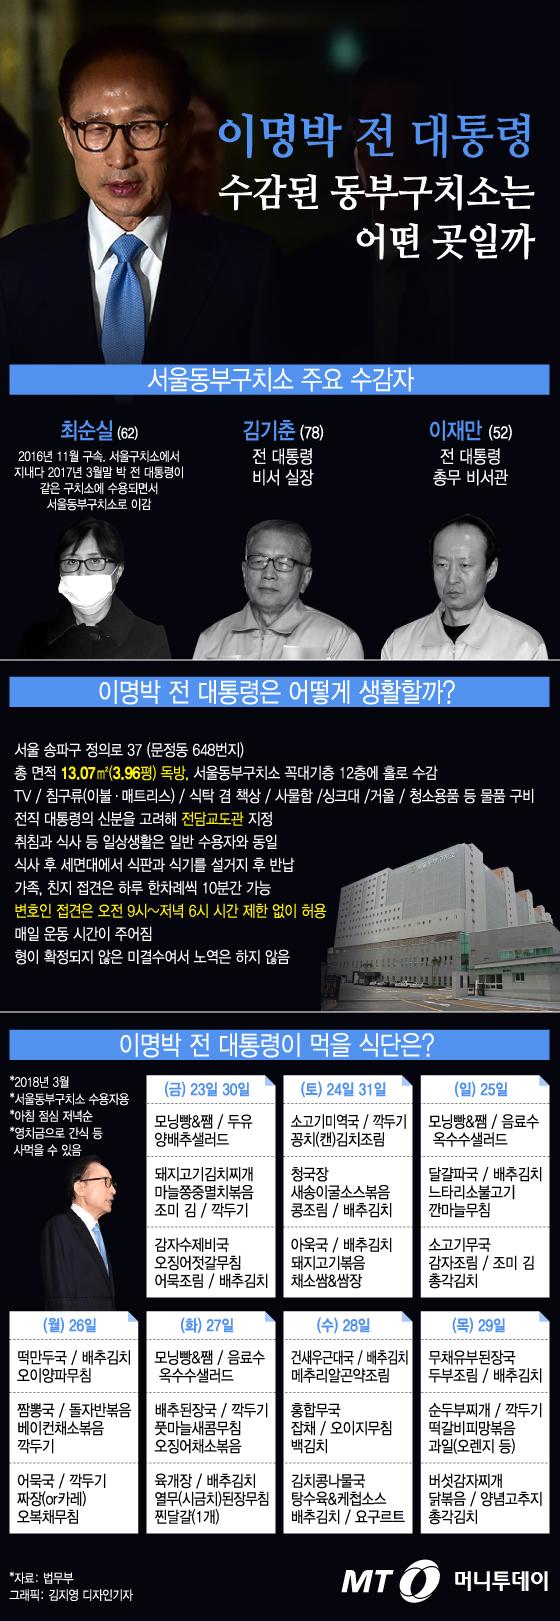 [그래픽뉴스]이명박 전 대통령, 수감된 동부구치소는 어떤 곳일까?